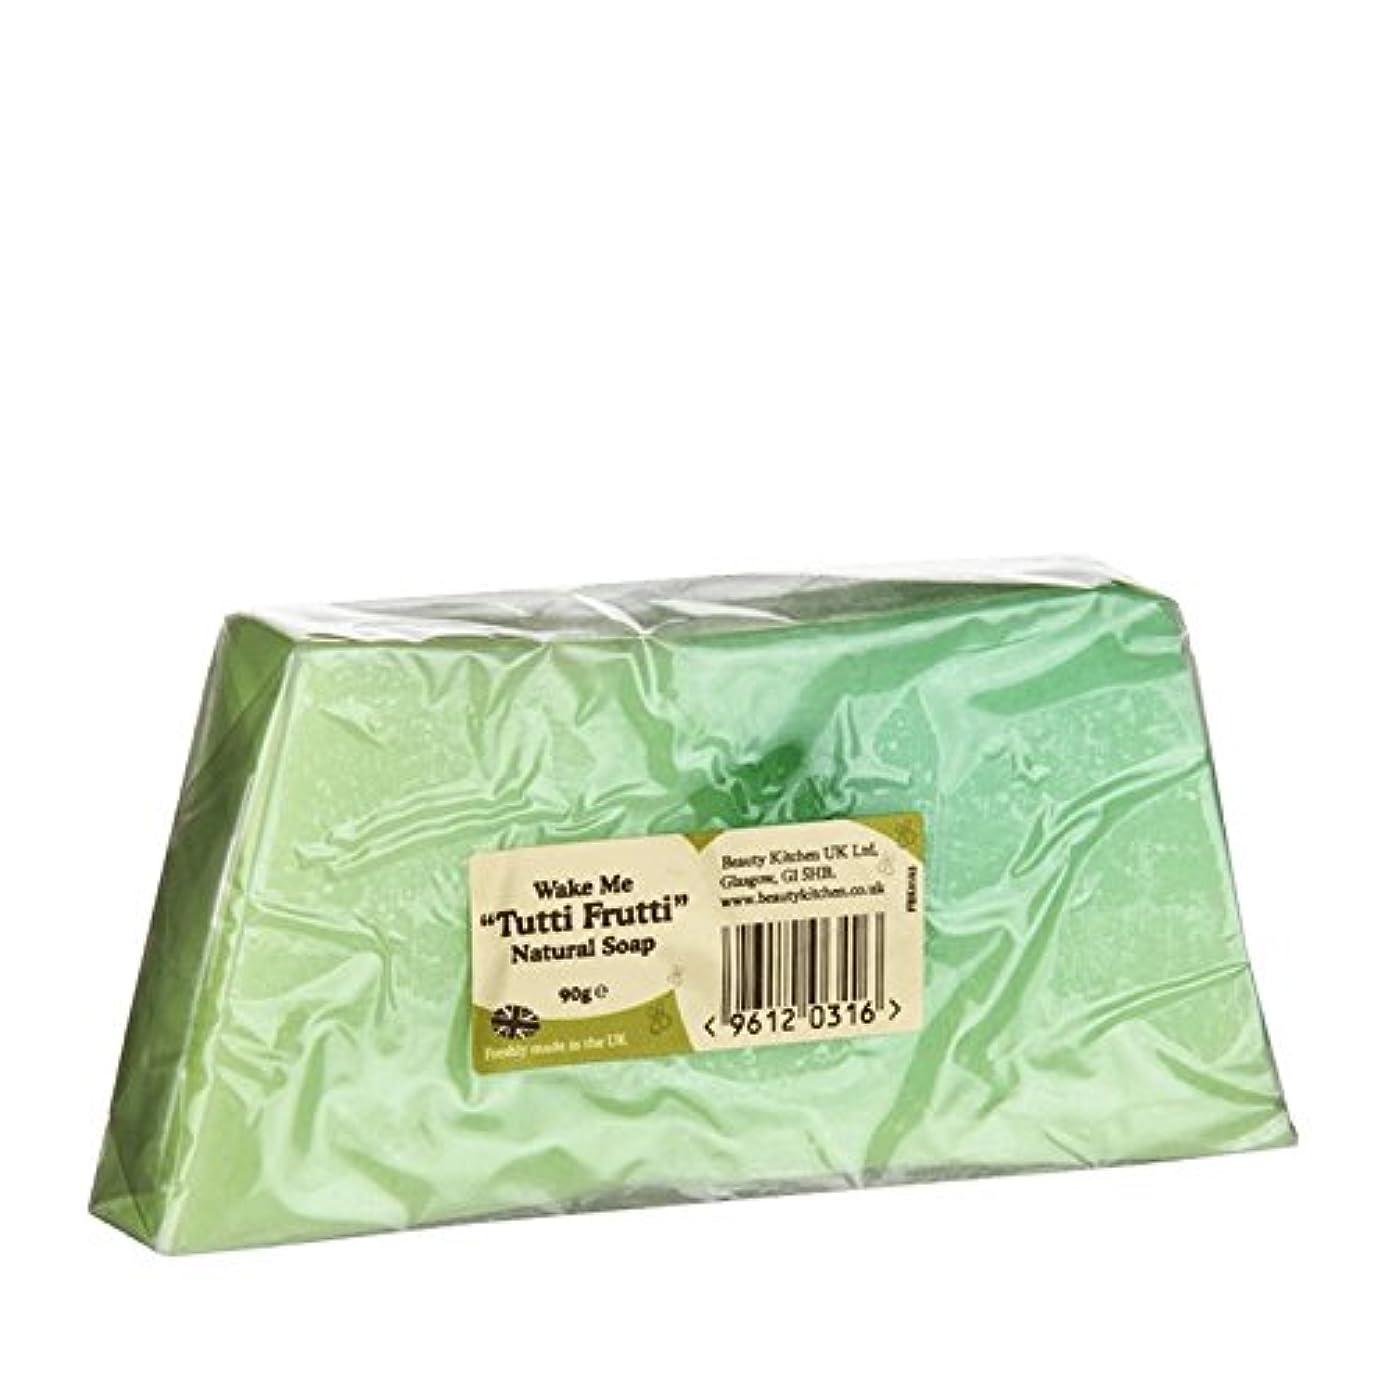 発見賛美歌経歴Beauty Kitchen Wake Me Tutti Frutti Natural Soap 90g (Pack of 6) - 美しさのキッチンは私トゥッティフルッティの天然石鹸90グラムウェイク (x6) [並行輸入品]